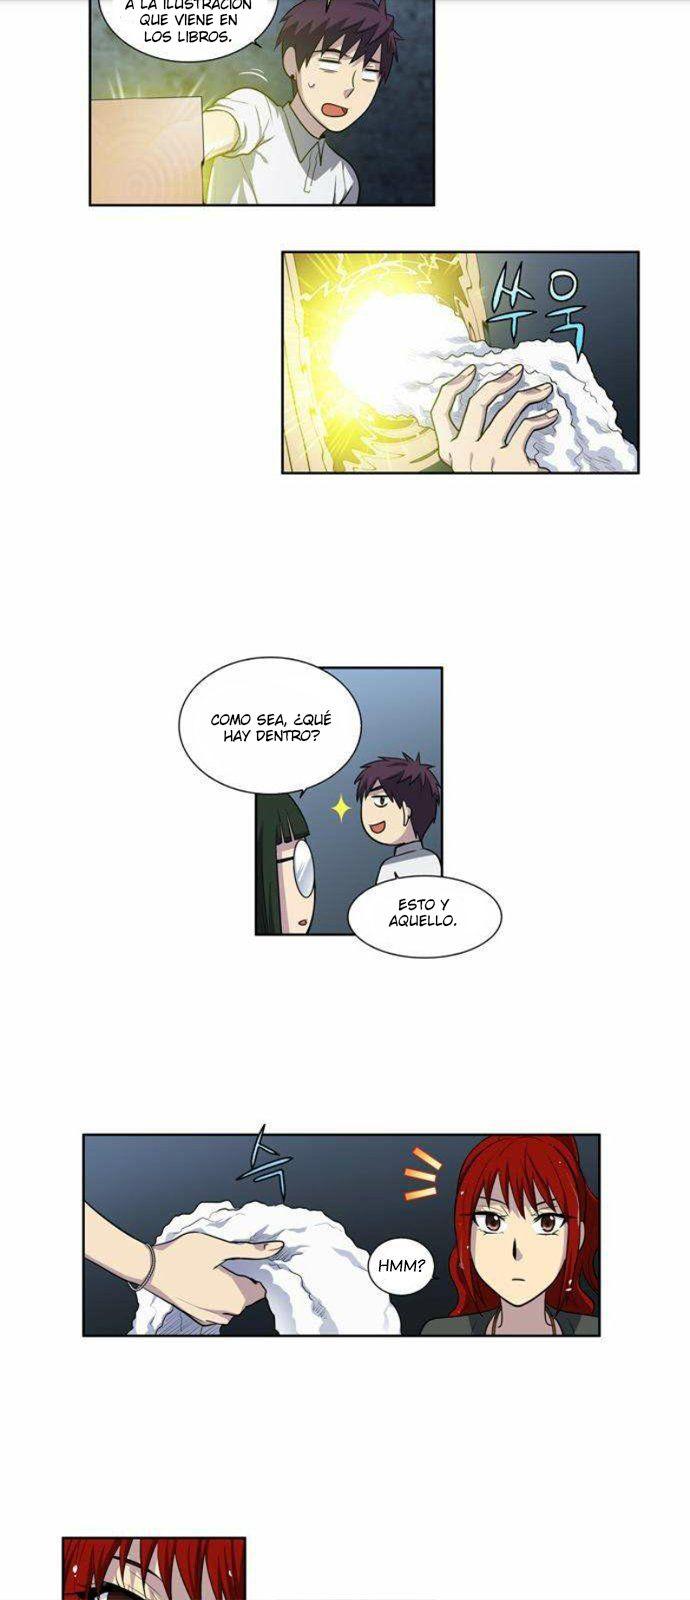 http://c5.ninemanga.com/es_manga/61/1725/487801/d7736cd357677a524f9cfb69d1830516.jpg Page 6